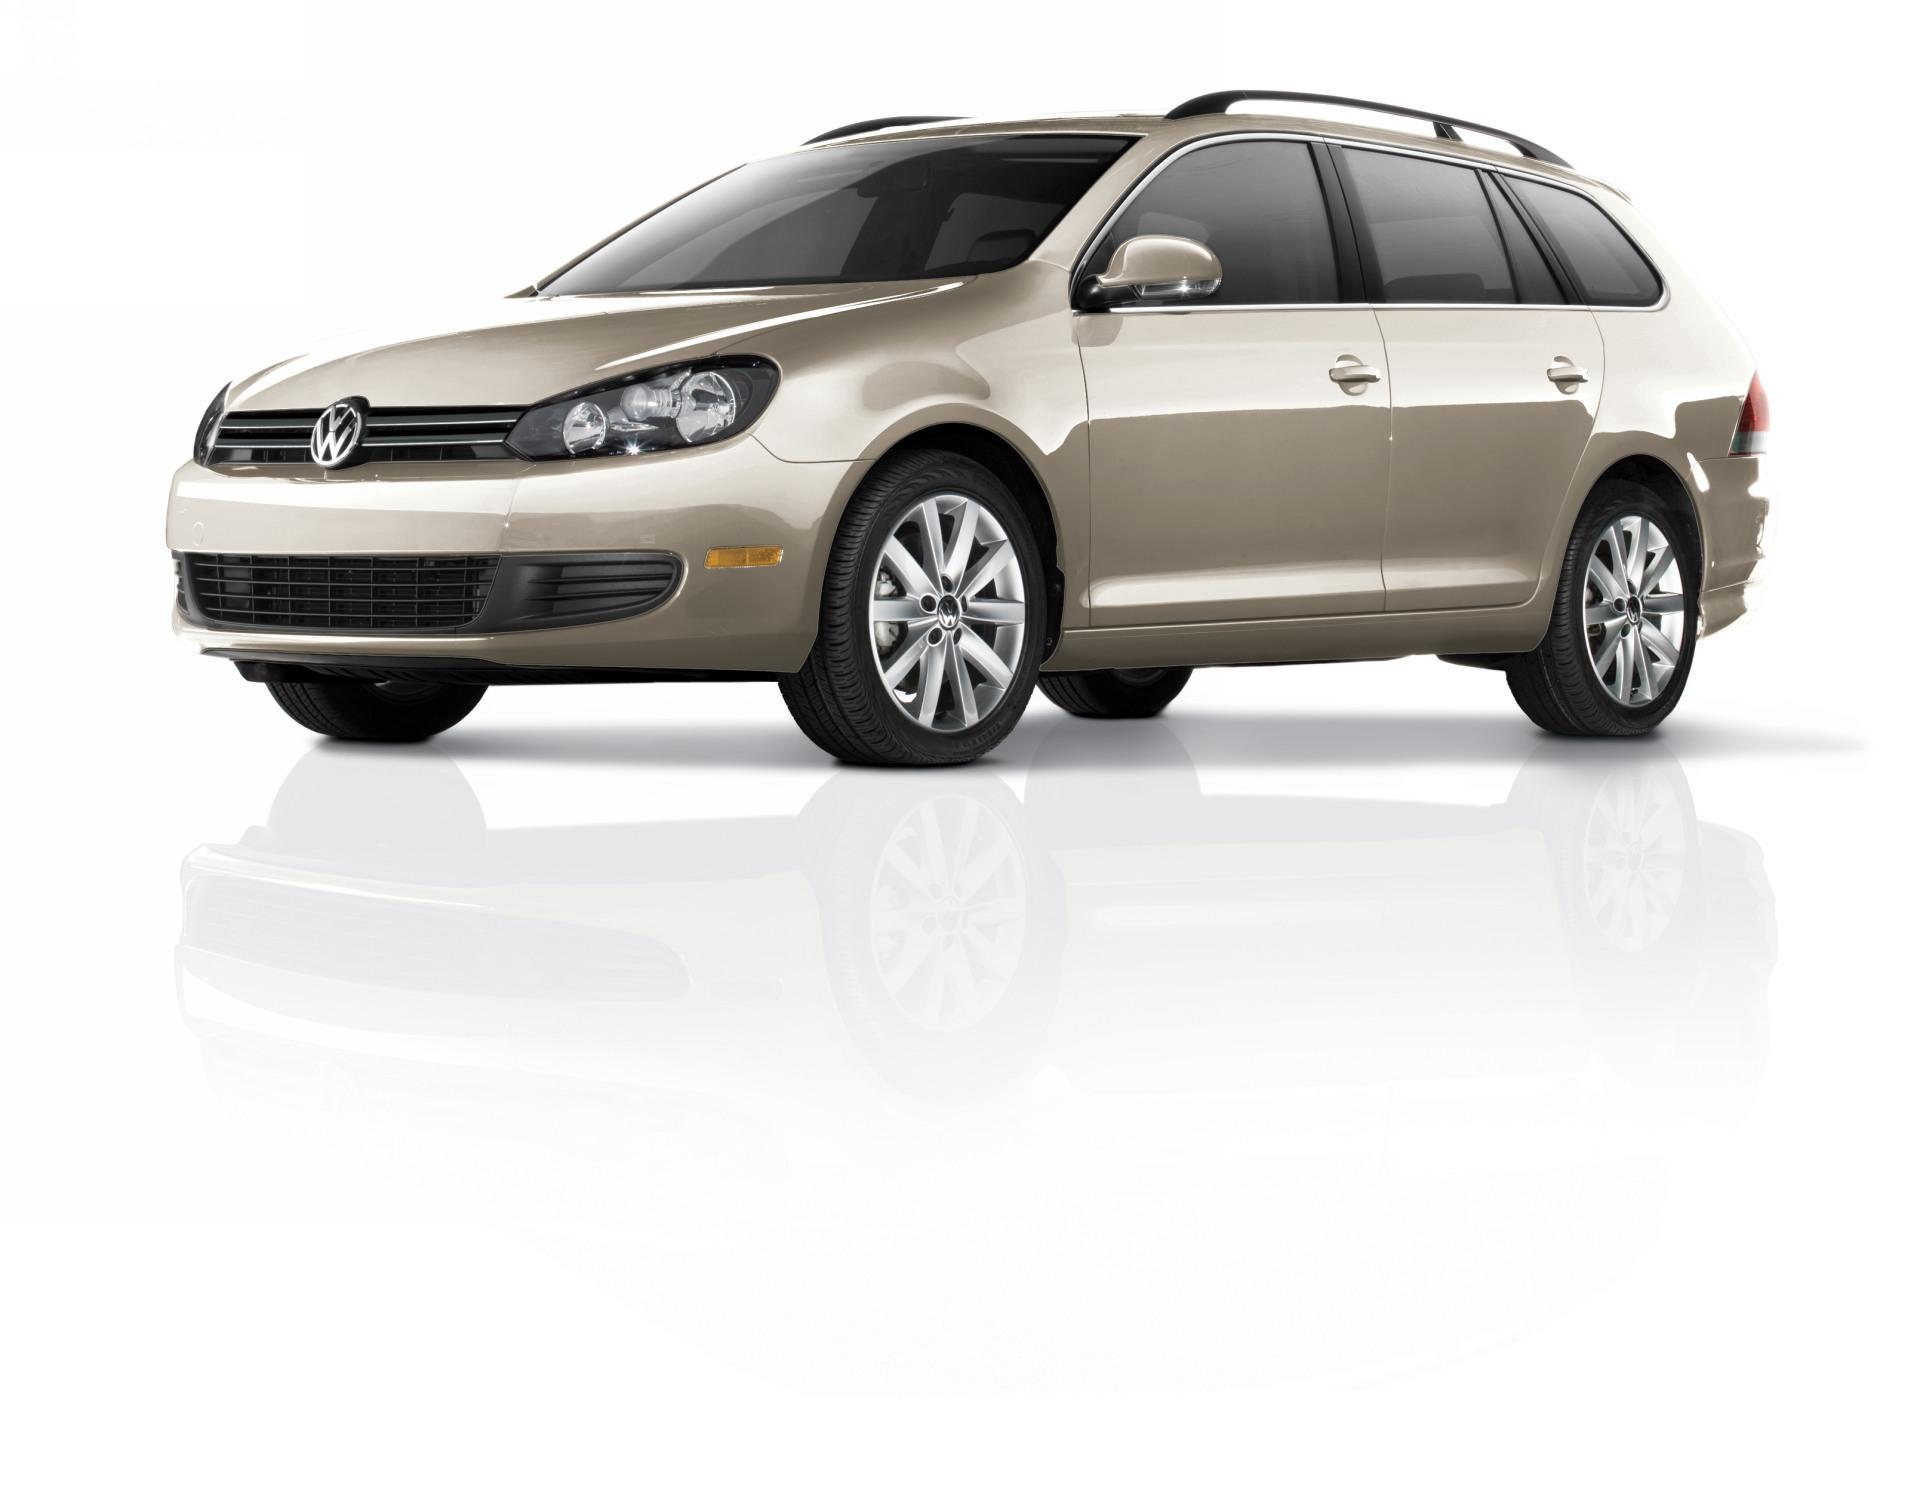 2011 Volkswagen Jetta Sportwagen News and Information